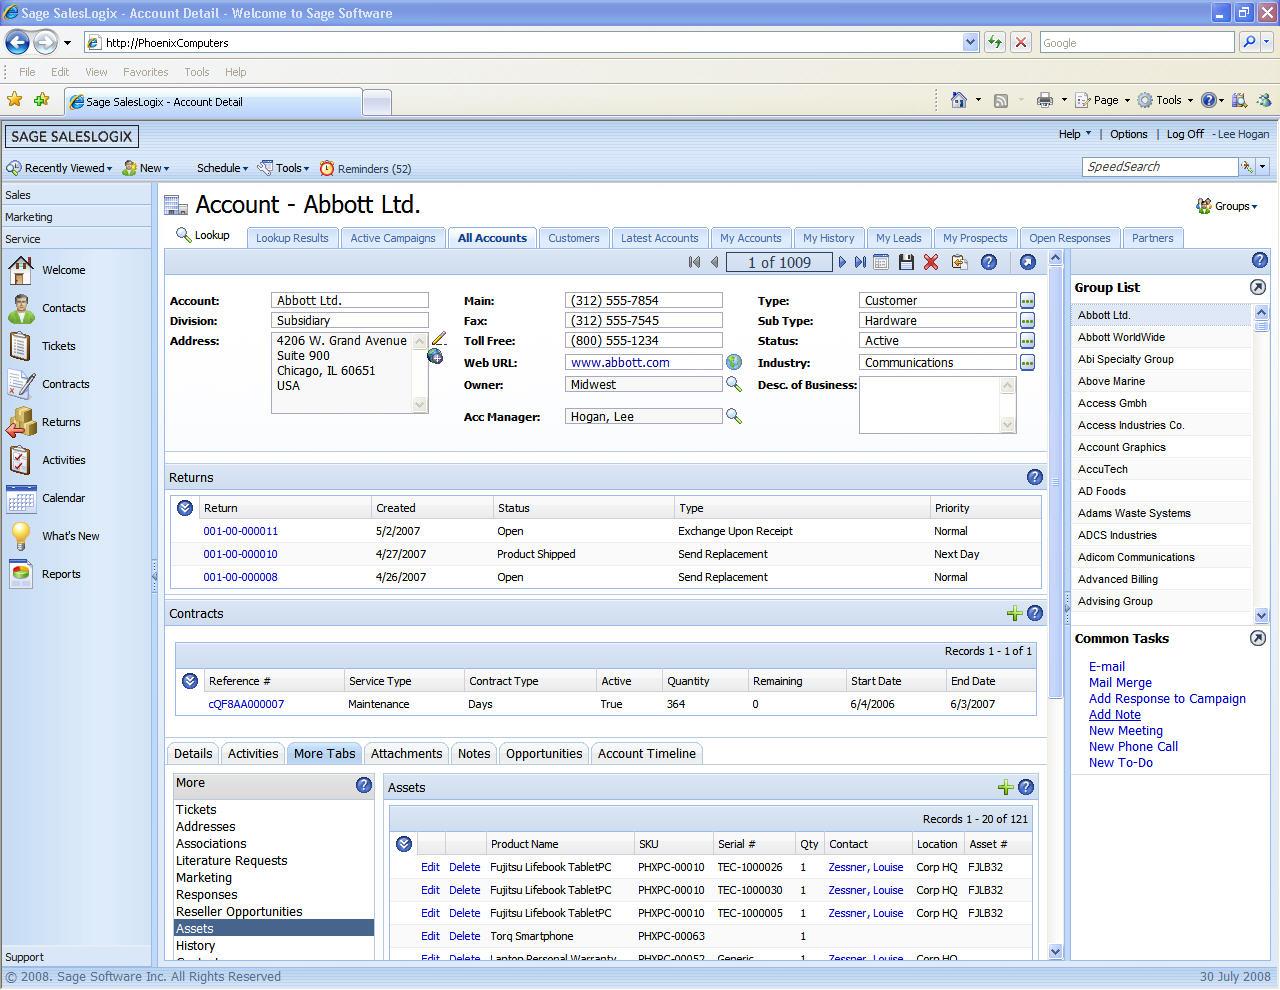 Infor Crm Sage Crm Solution Web Based Amp Lan Customer